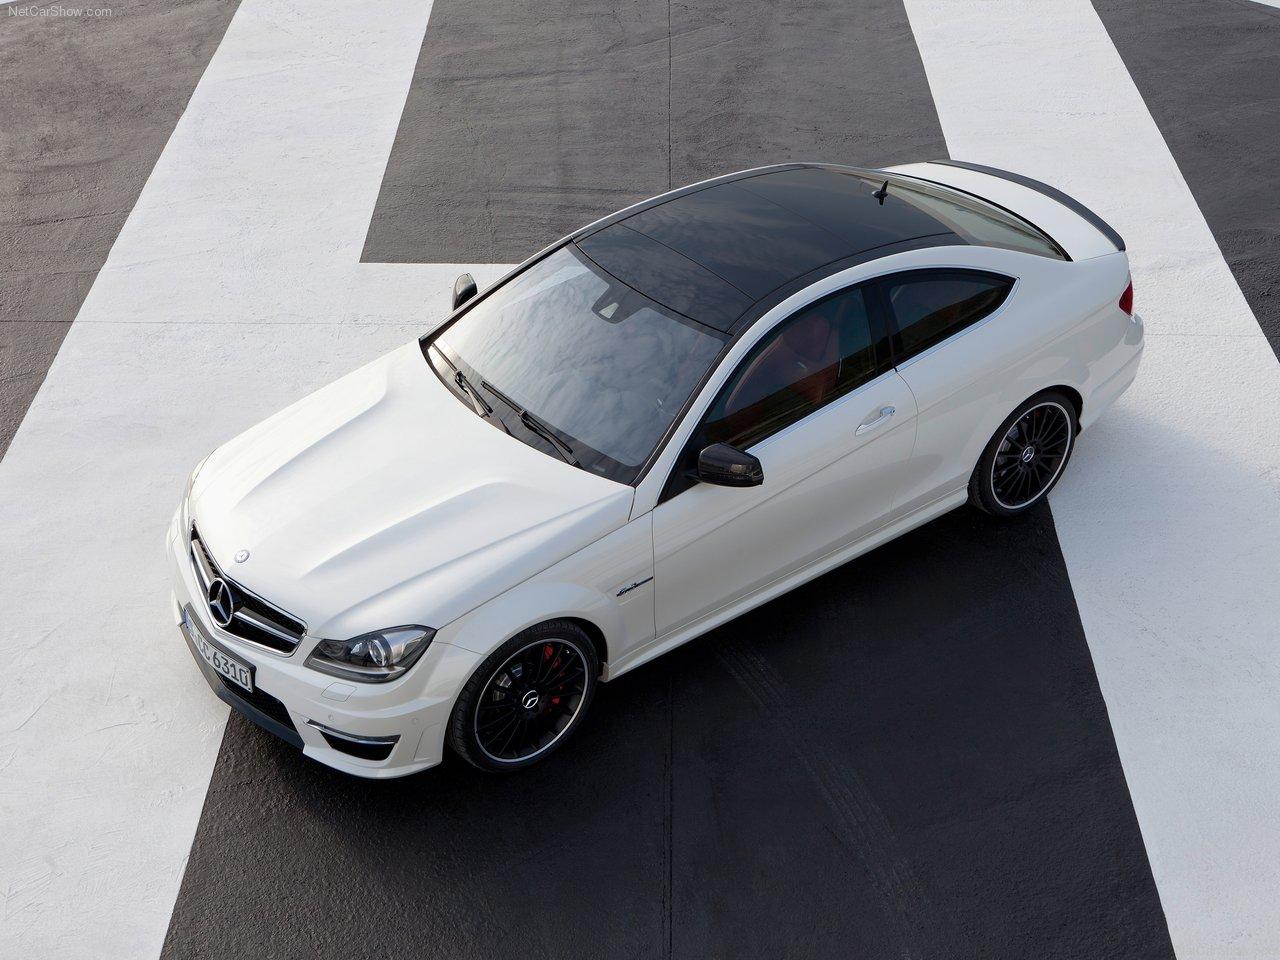 http://1.bp.blogspot.com/-e8Cz2ZVYH0w/TYYbVA9svHI/AAAAAAAAN2k/rtmm9ldJLKM/s1600/Mercedes-Benz-C63_AMG_Coupe_2012_1280x960_wallpaper_07.jpg